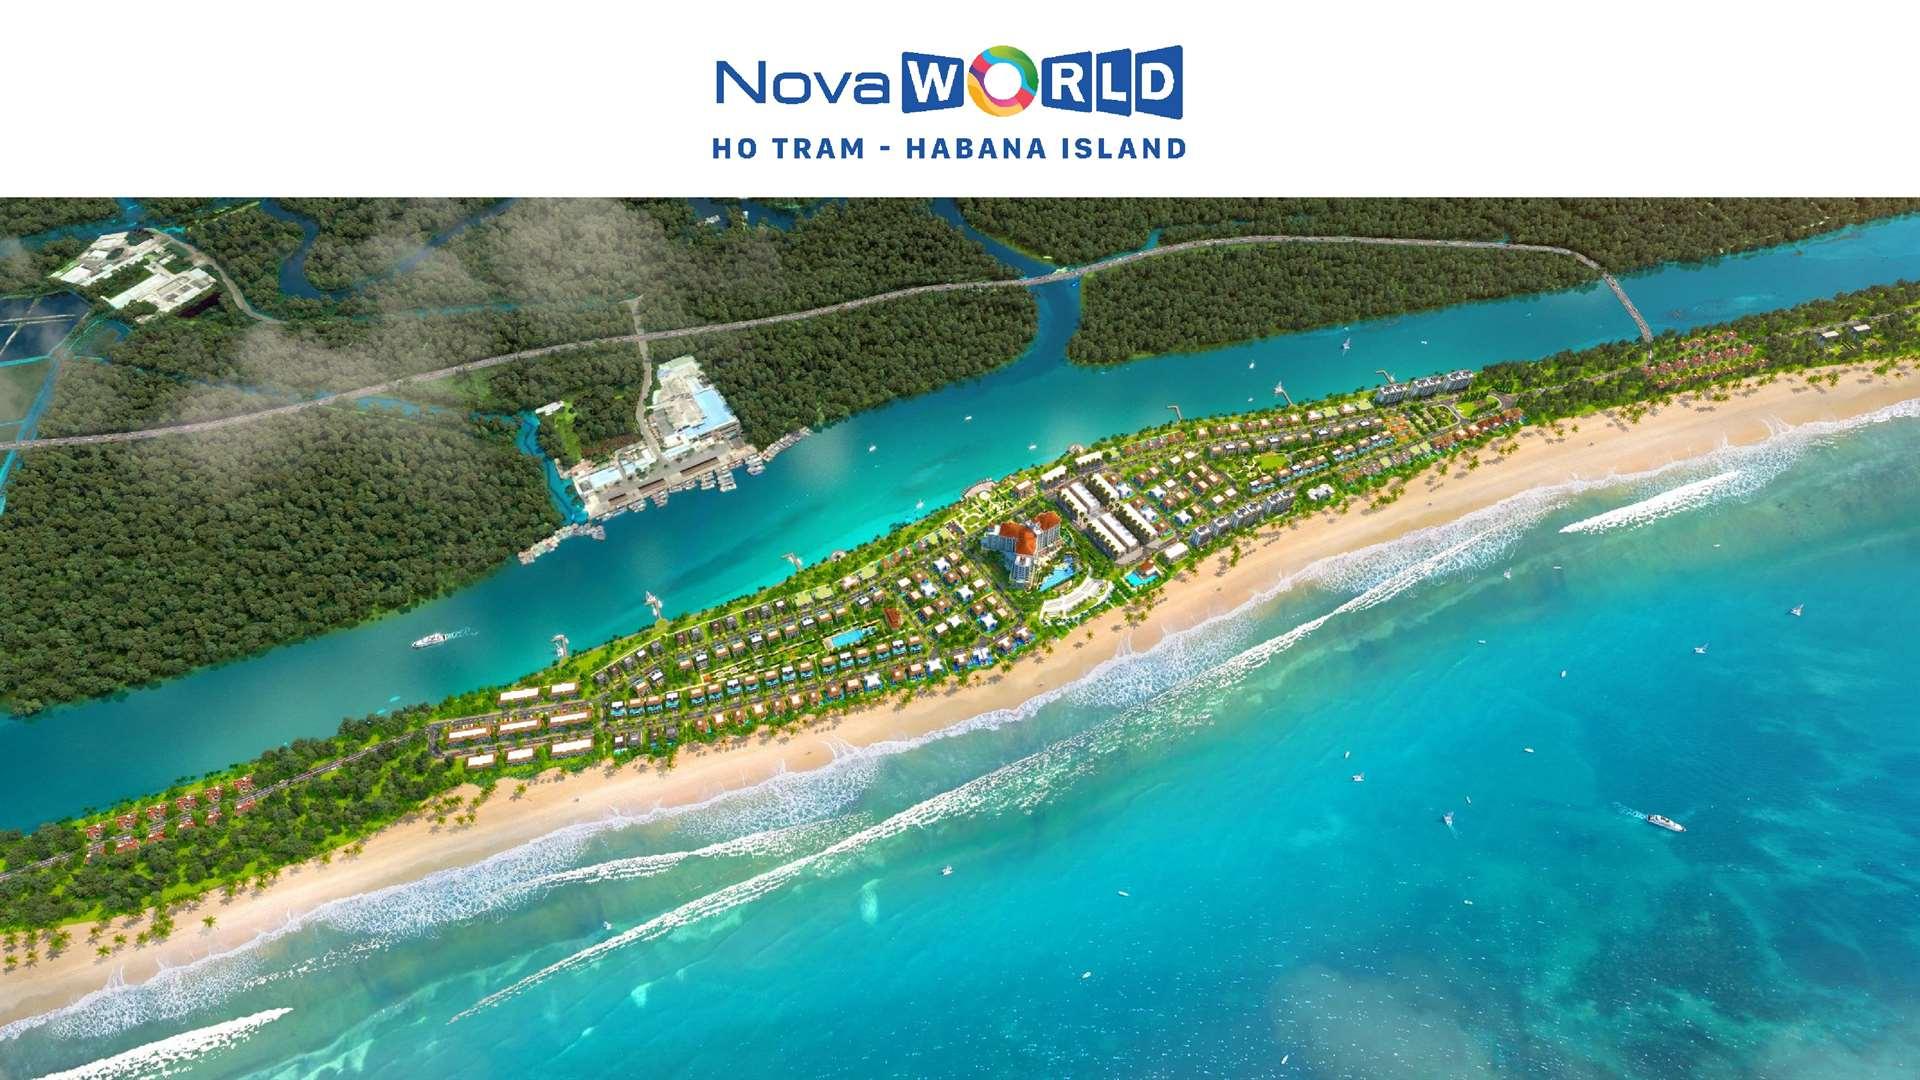 toan-canh-Habana-island-NovaWorld-Ho-Tram-novaland-dao-2-mat-tien